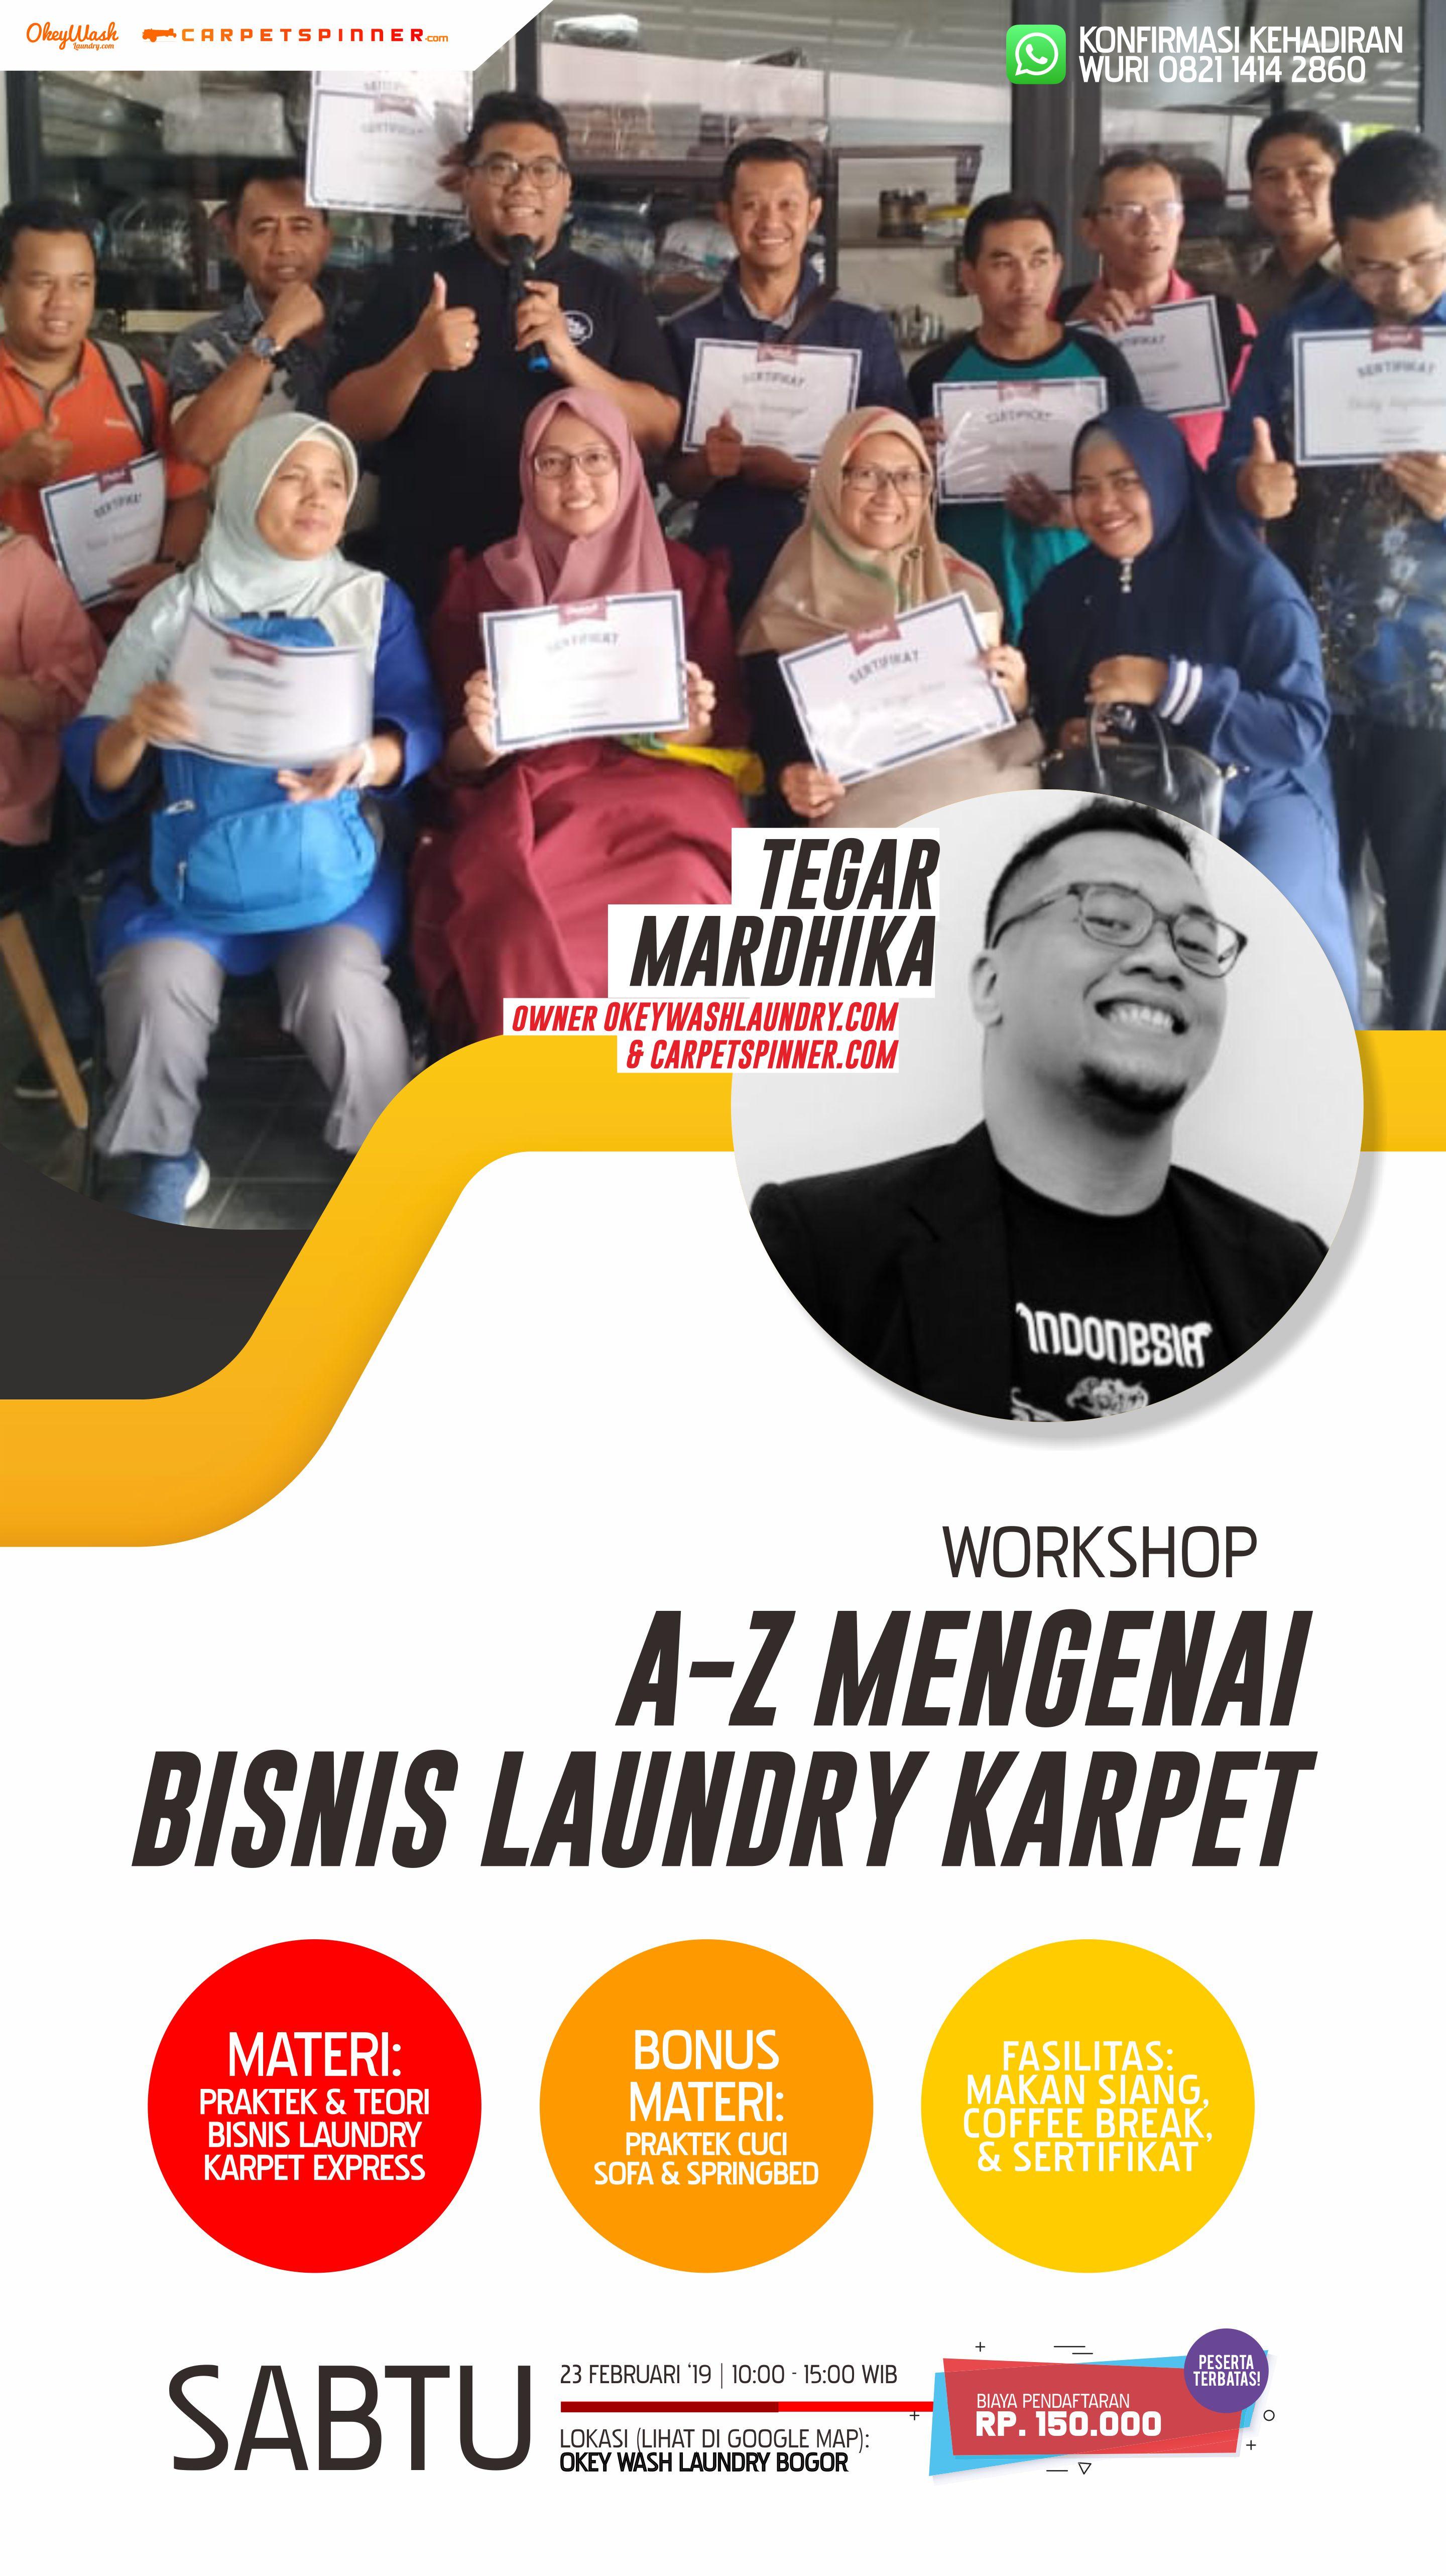 Workshop A-Z Mengenai Bisnis Laundry Karpet, 23 Februari 2019. Daftar Sekarang Juga ke +6282114142860!